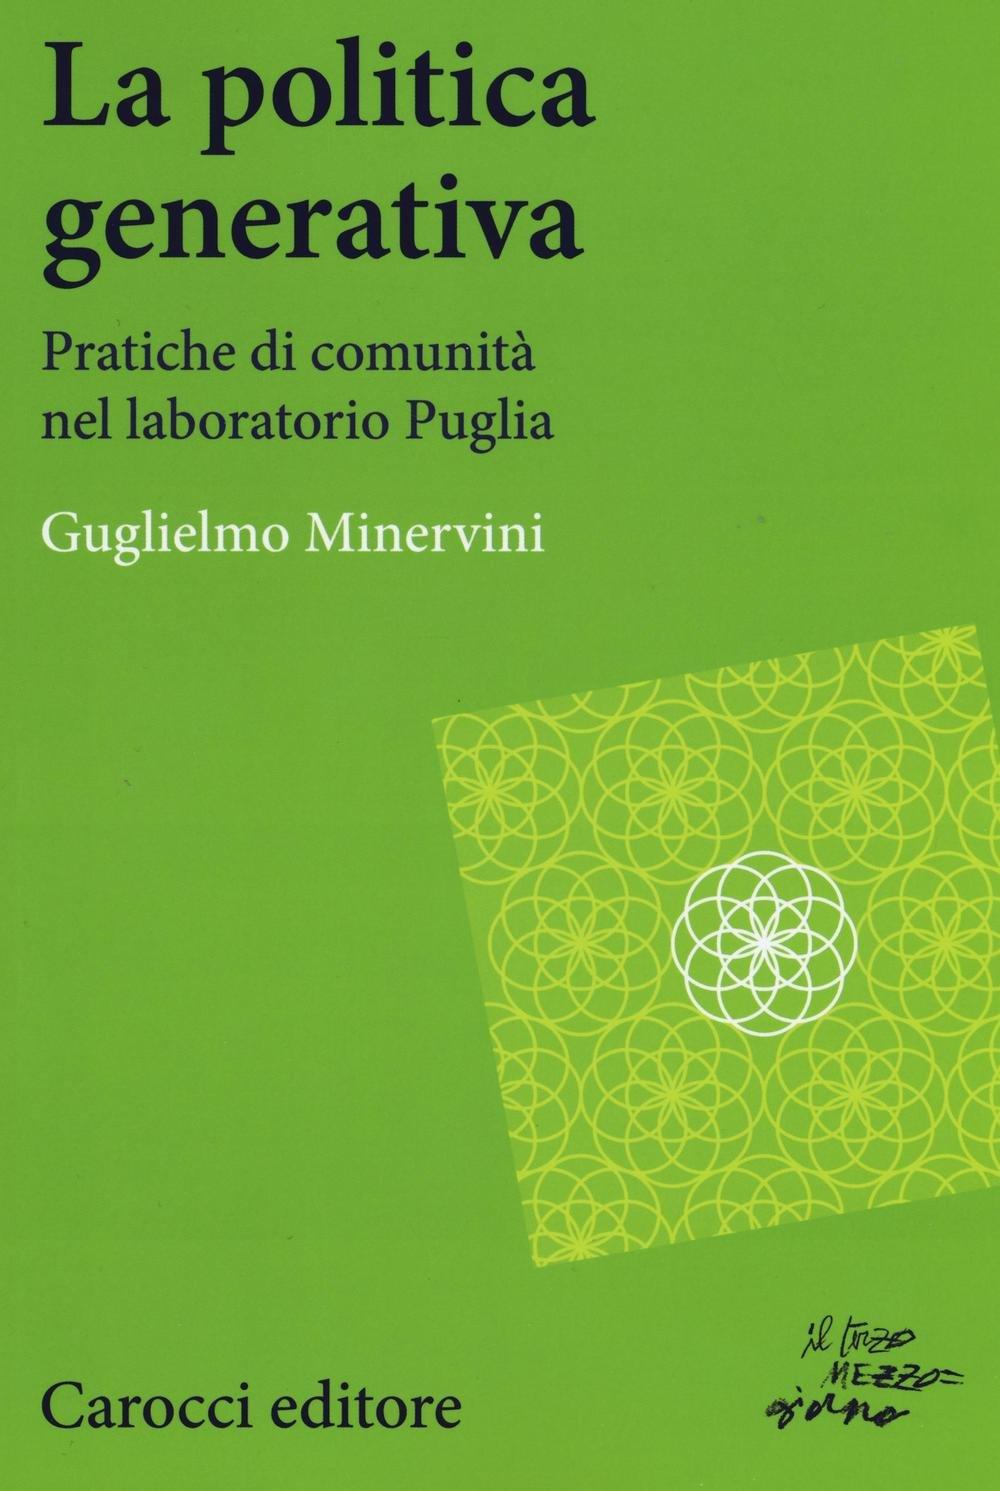 La politica generativa. Pratiche di comunità nel laboratorio Puglia Copertina flessibile – 5 mag 2016 Guglielmo Minervini Carocci 8843082337 SCIENZA POLITICA